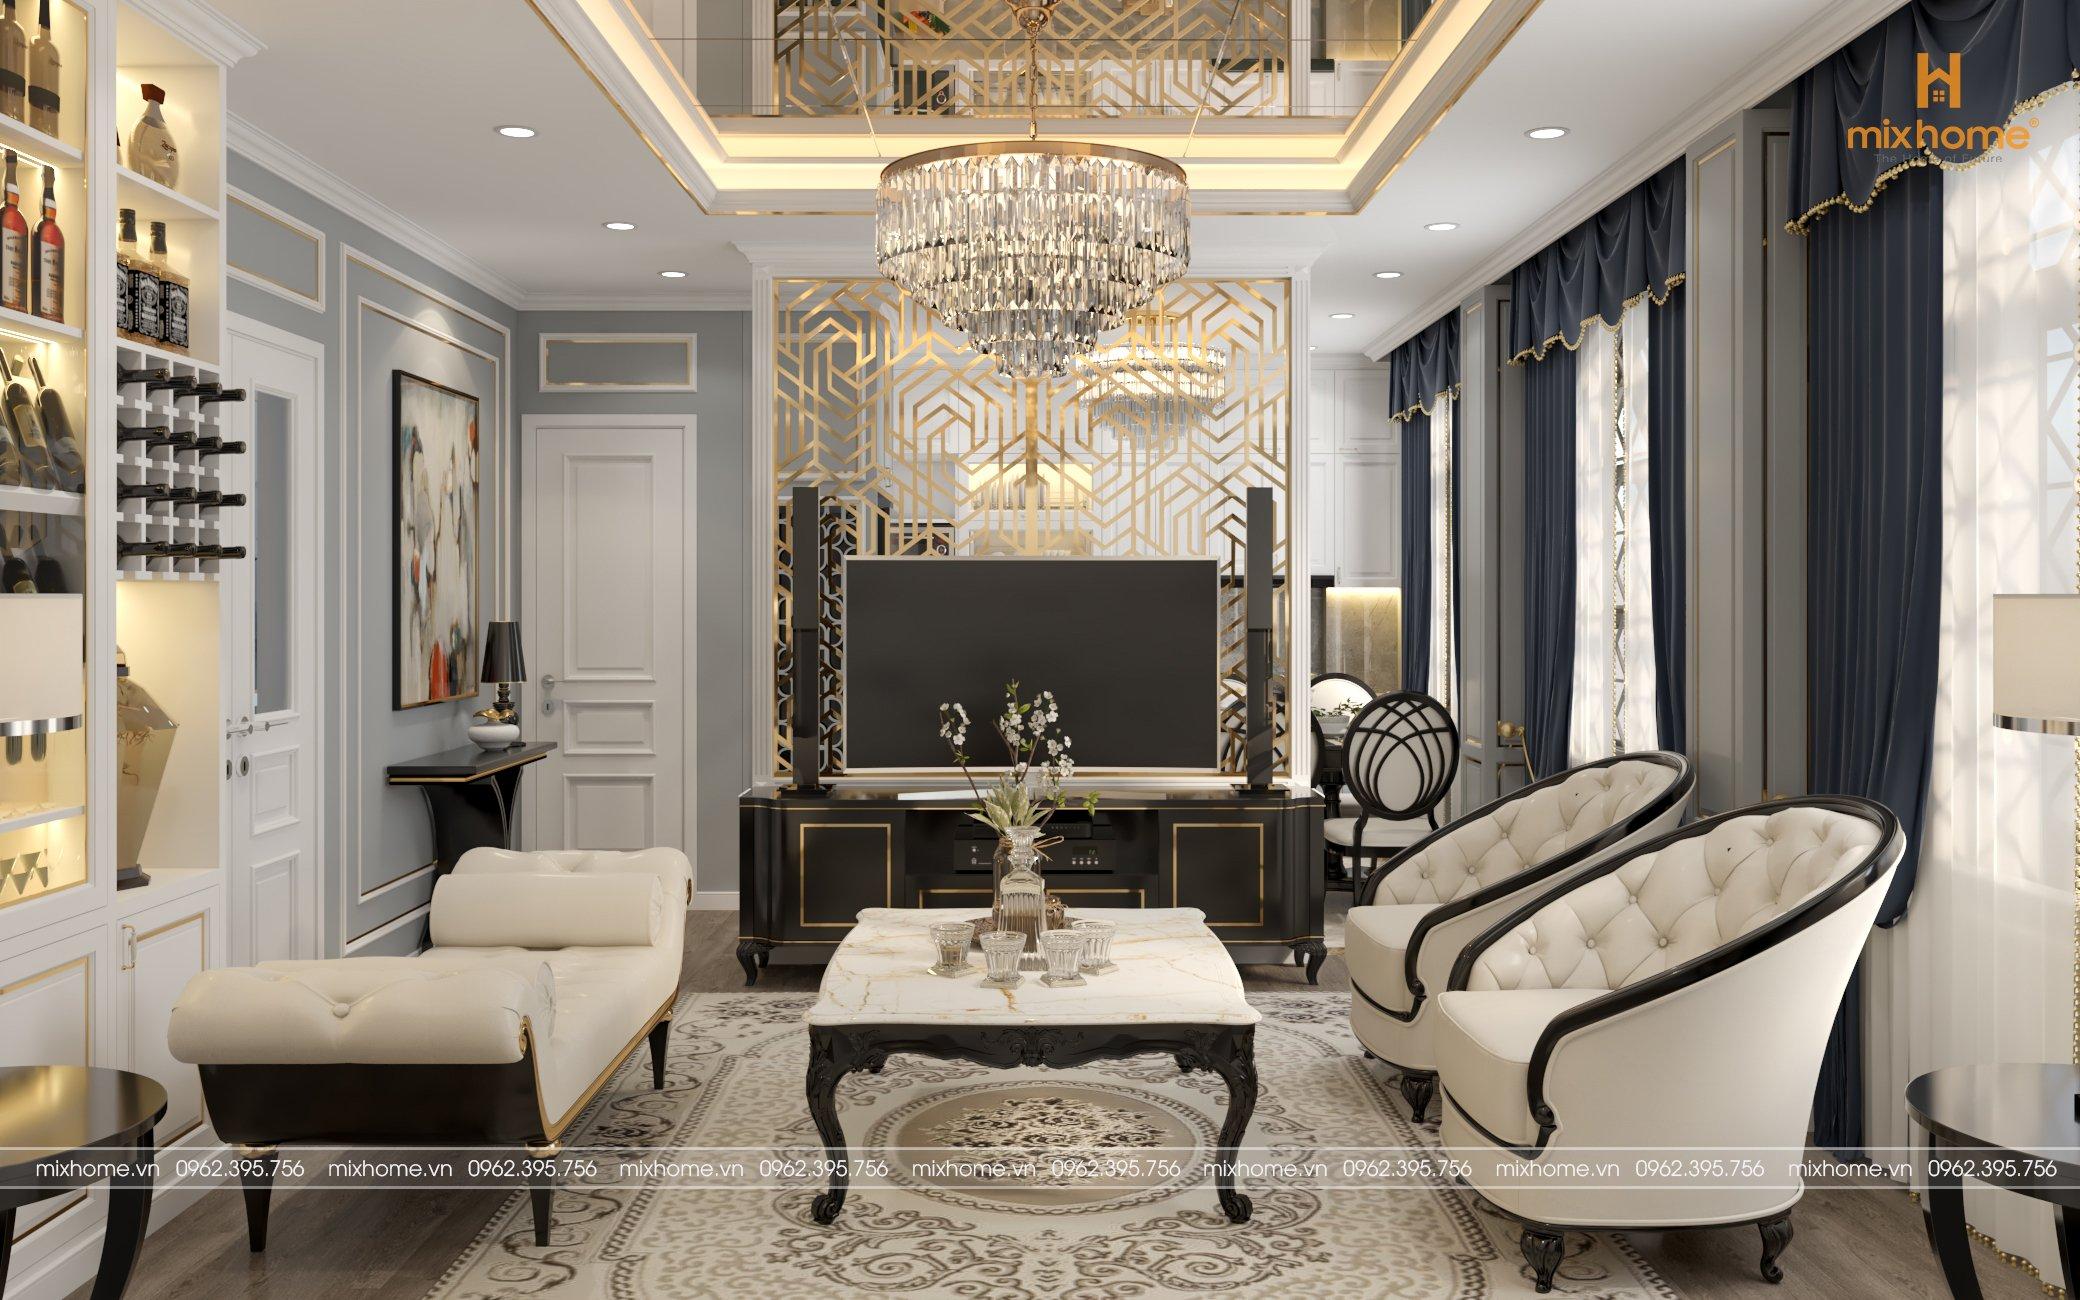 xu hướng thiết kế nội thất biệt thự